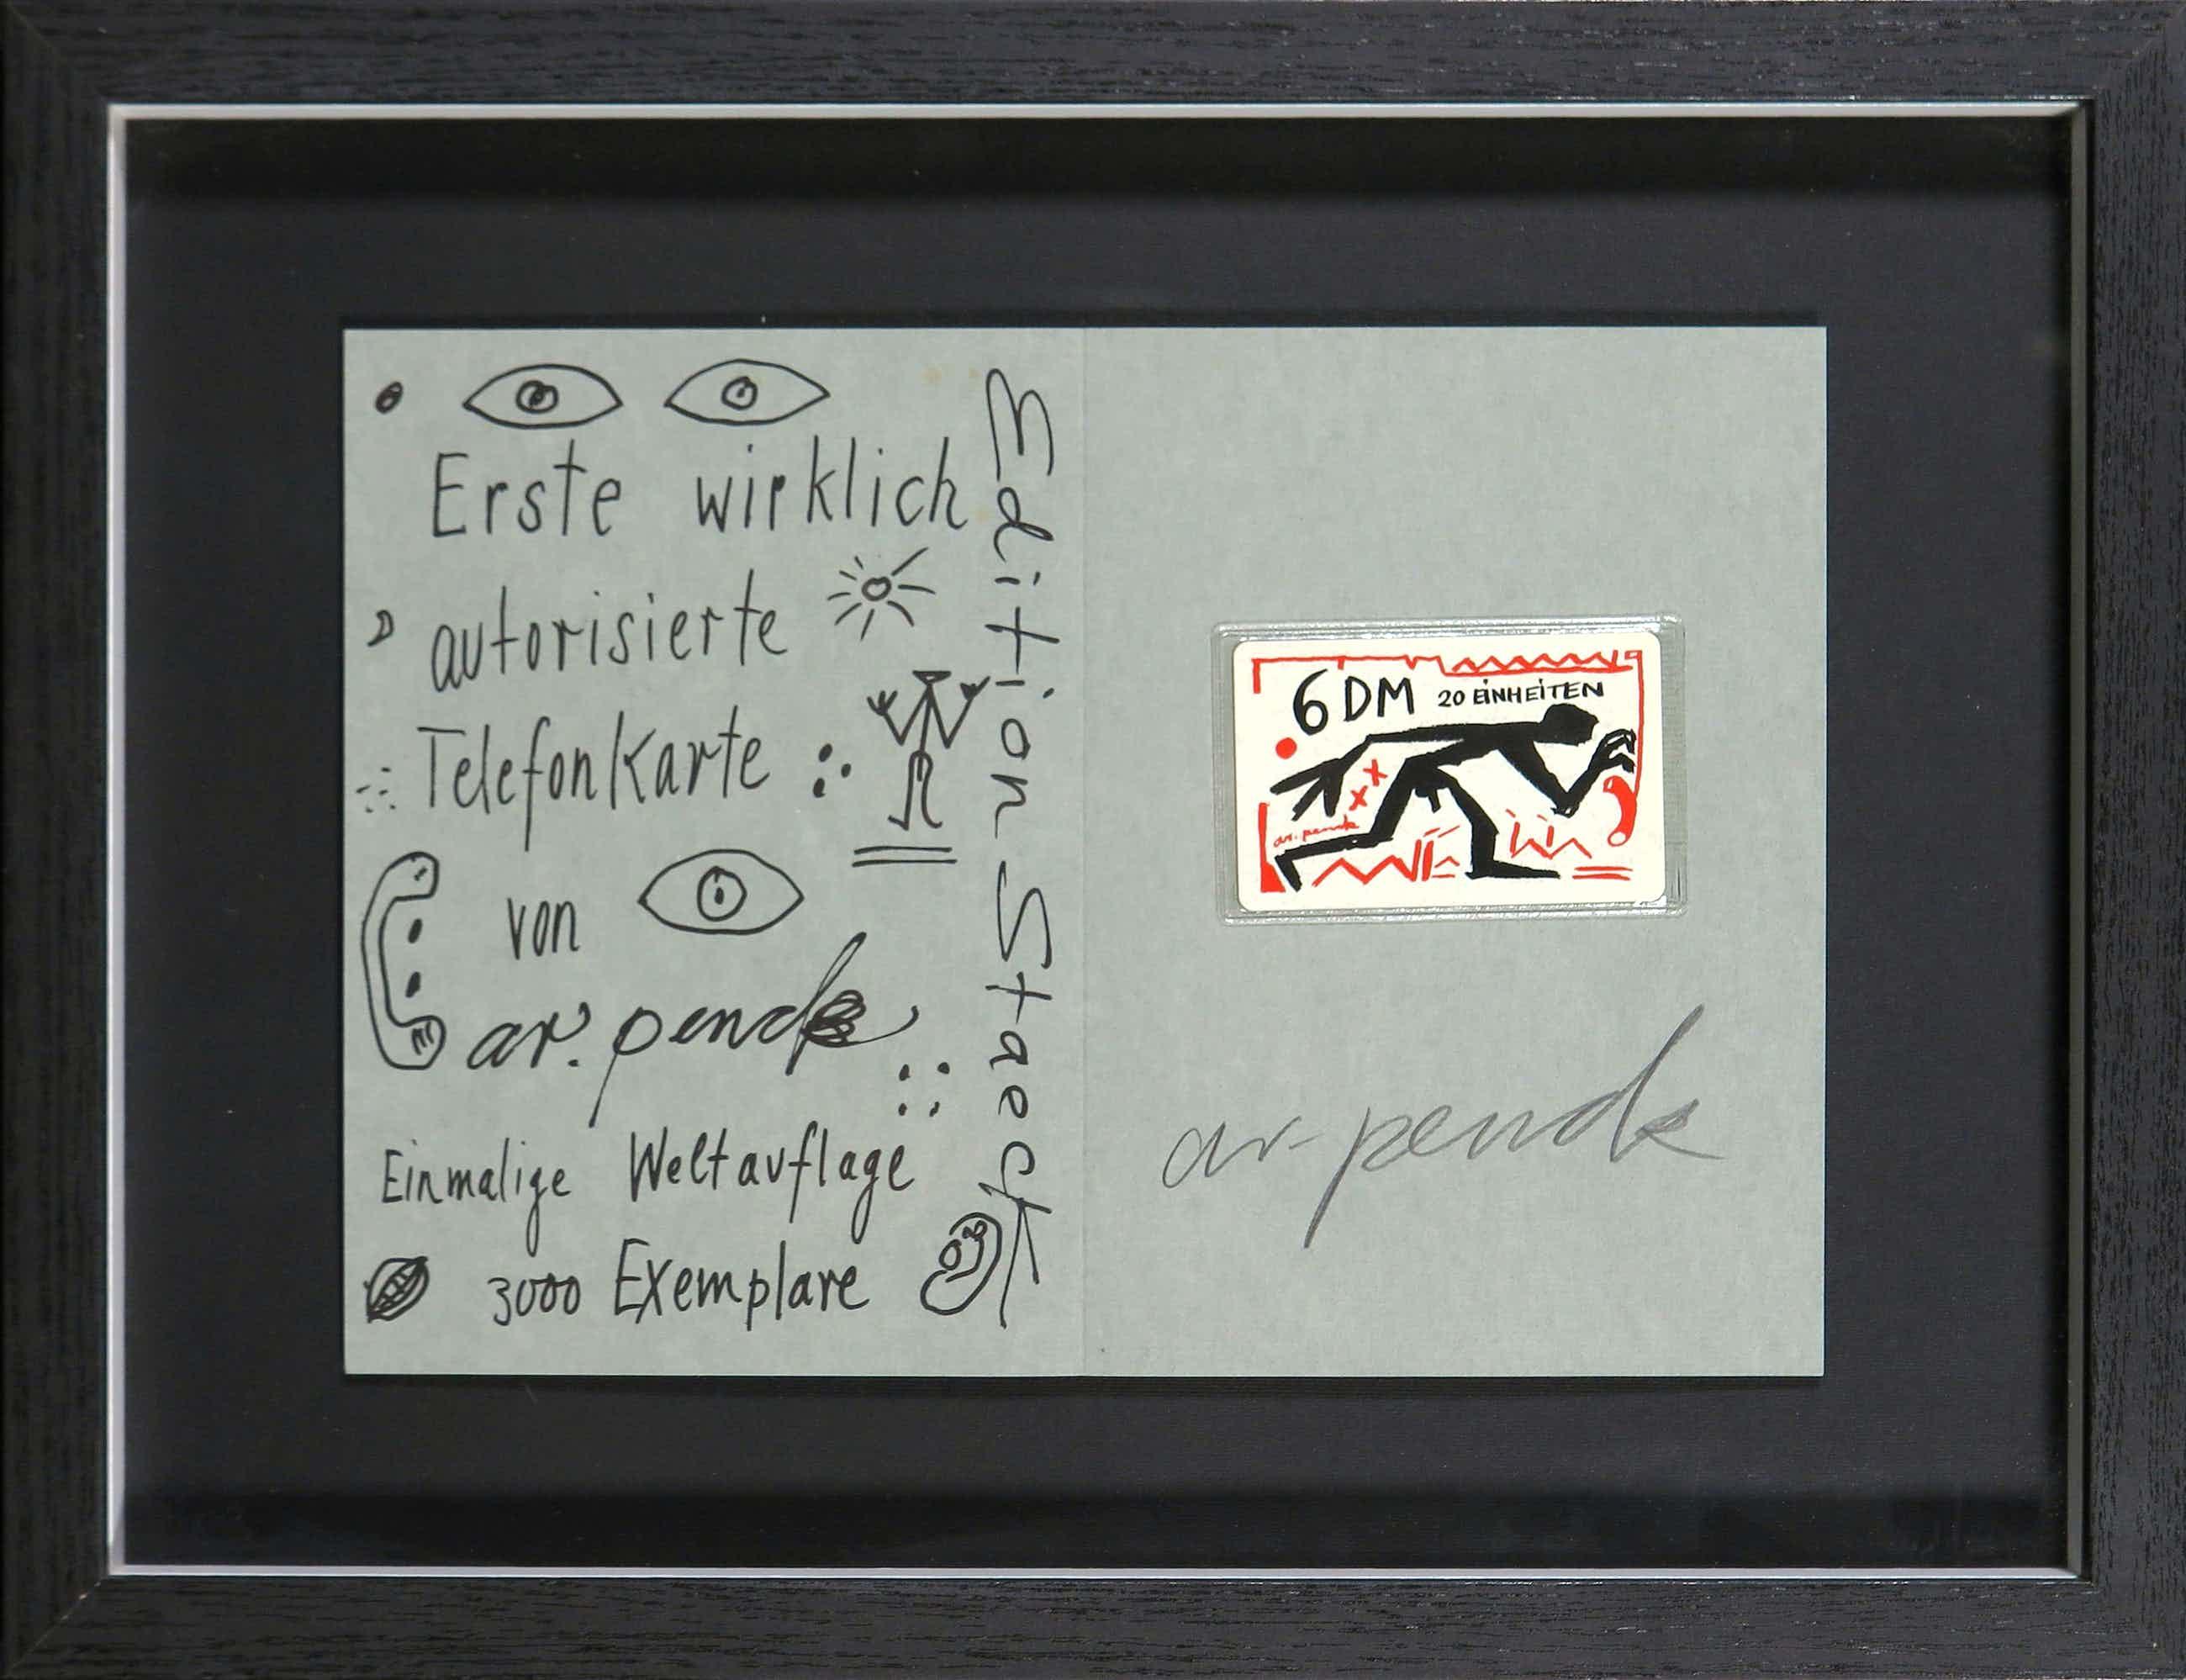 A.R. Penck - Gesigneerde zeefdruk met (ongeopende) telefoonkaart kopen? Bied vanaf 130!